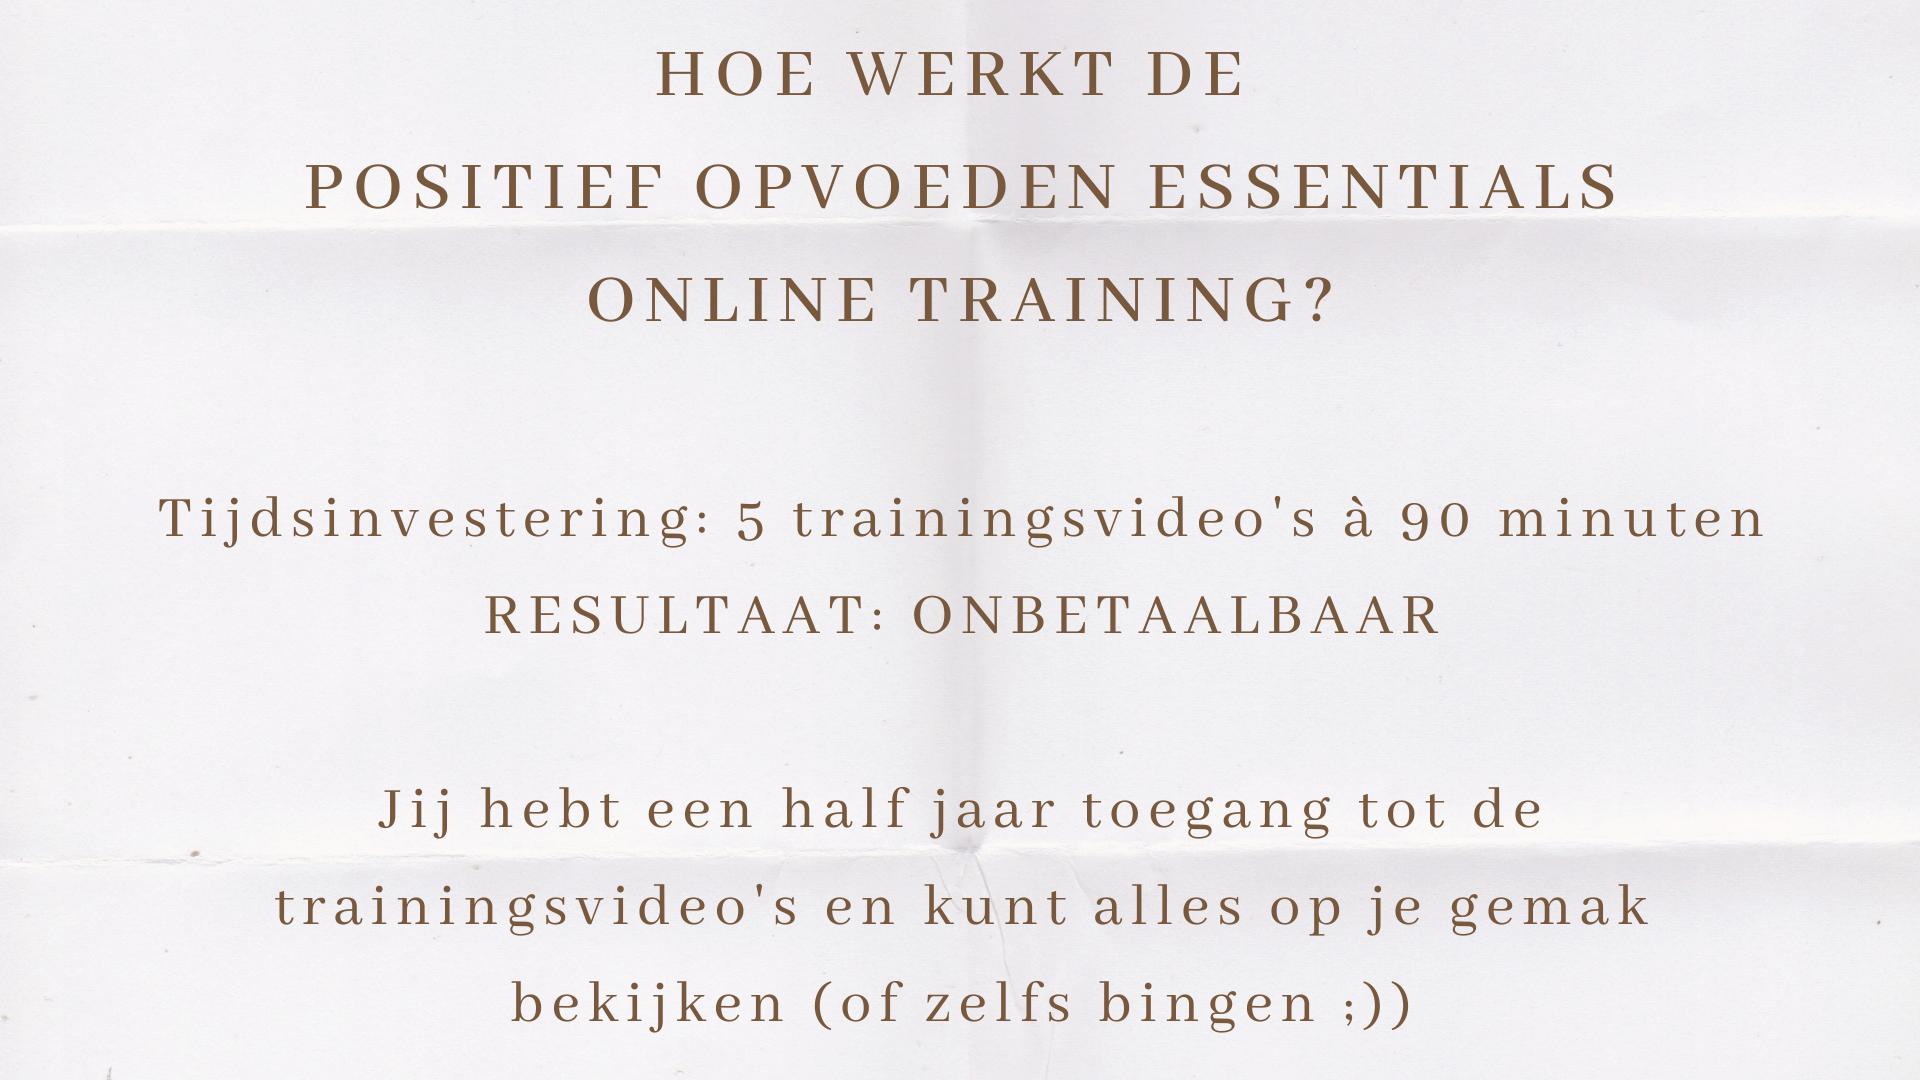 hoe werkt de positief opvoeden essentials online training?